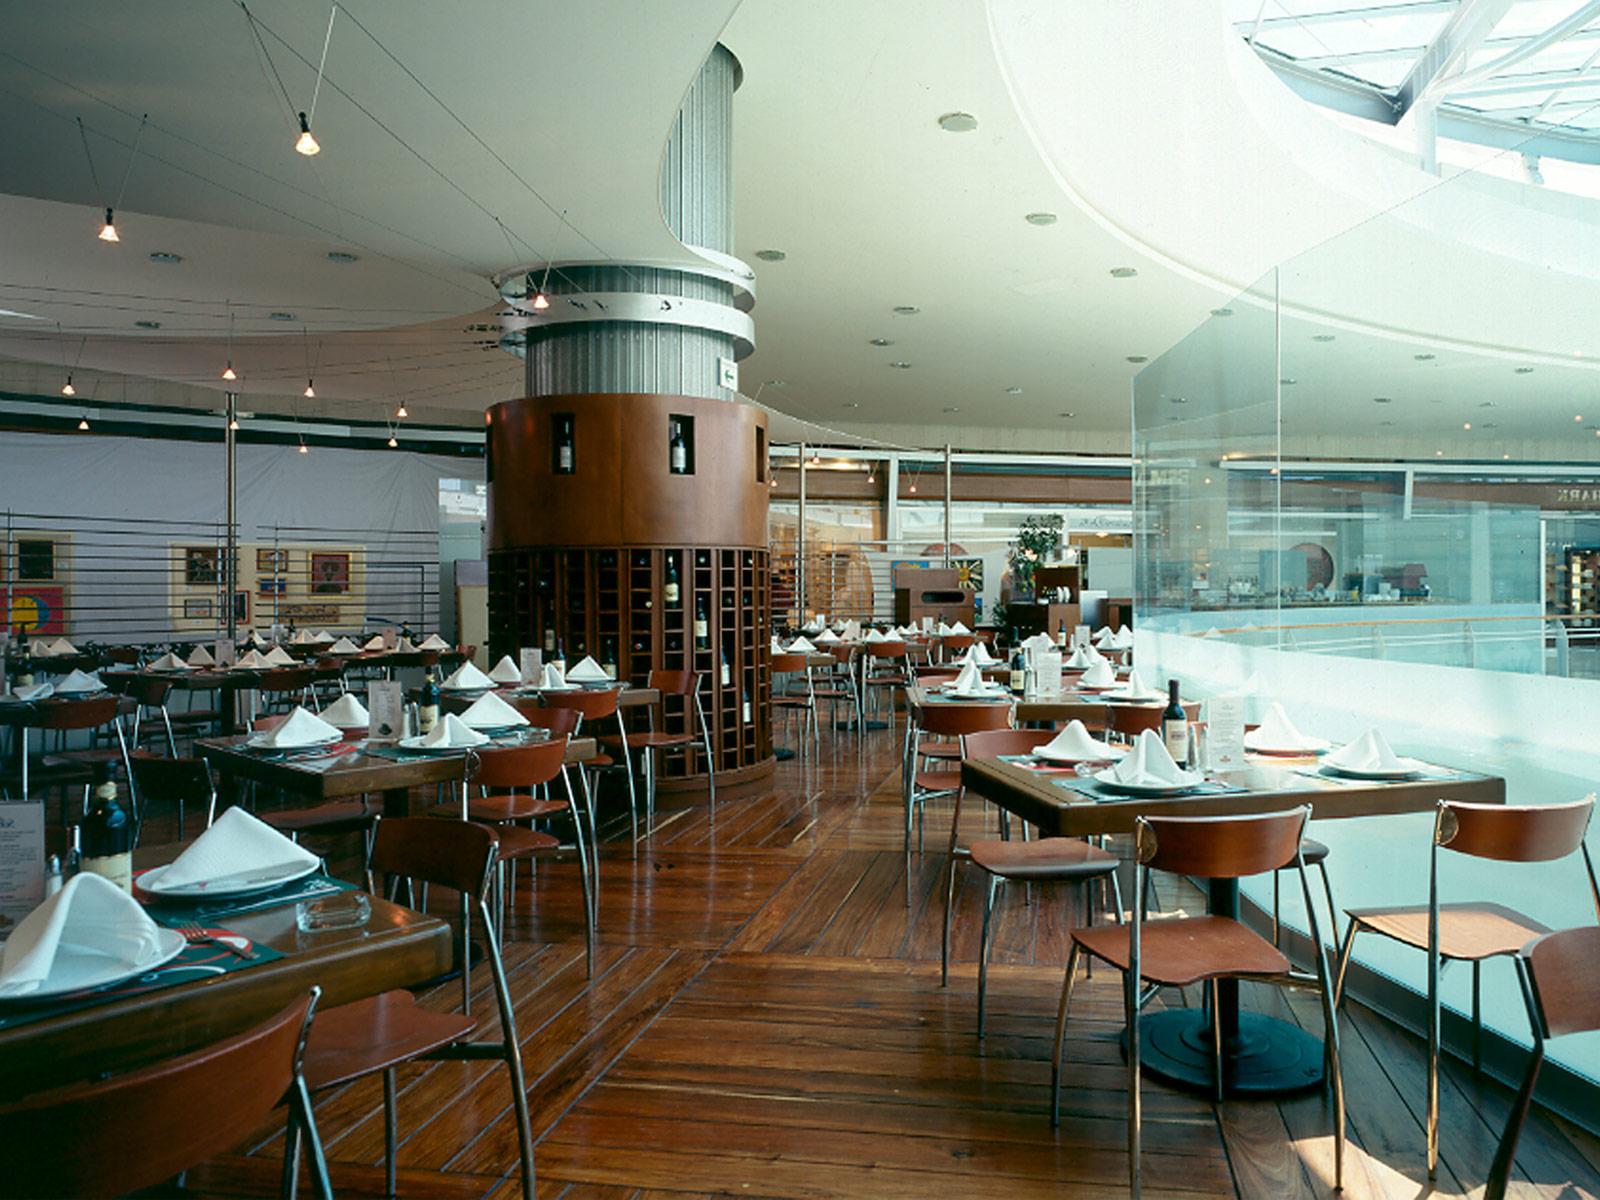 Grupo arquitech interiorismo restaurantes for Interiorismo restaurantes